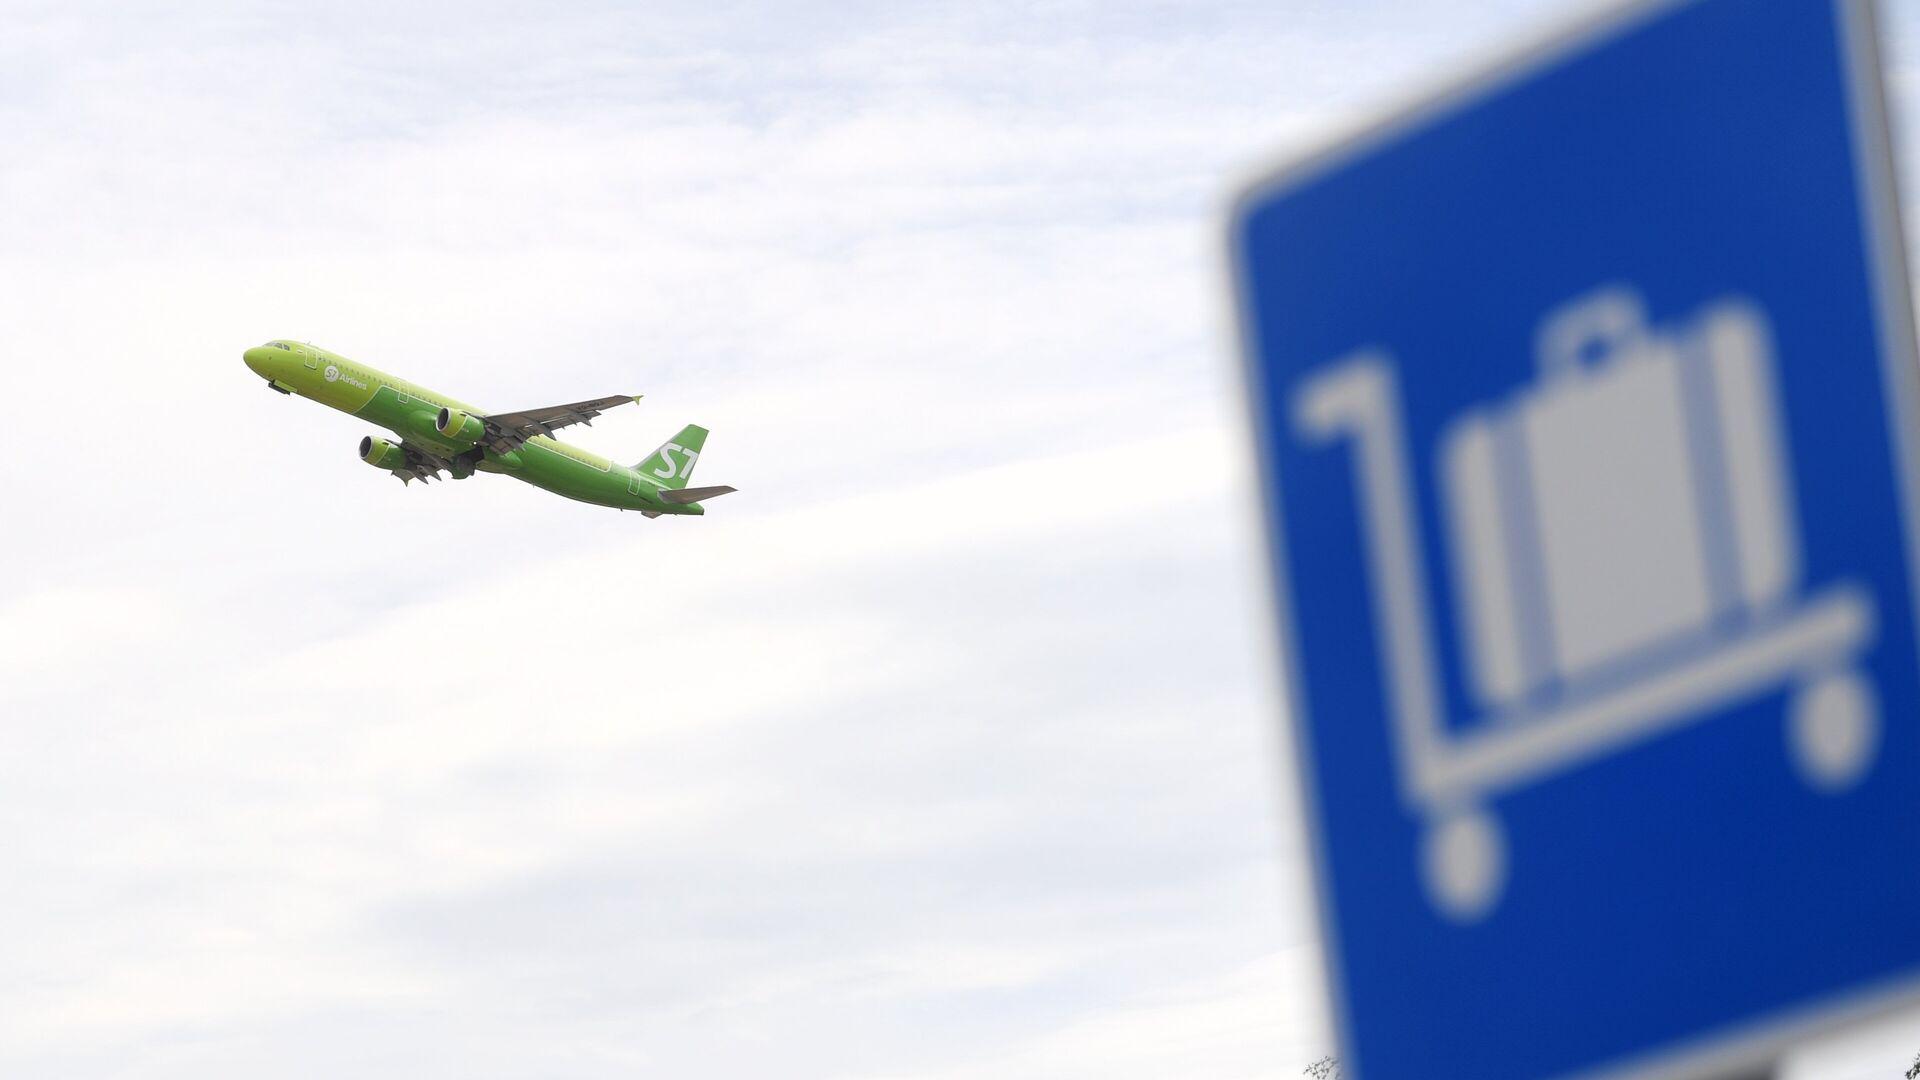 Самолет во время взлета в аэропорту Домодедово - РИА Новости, 1920, 23.09.2021